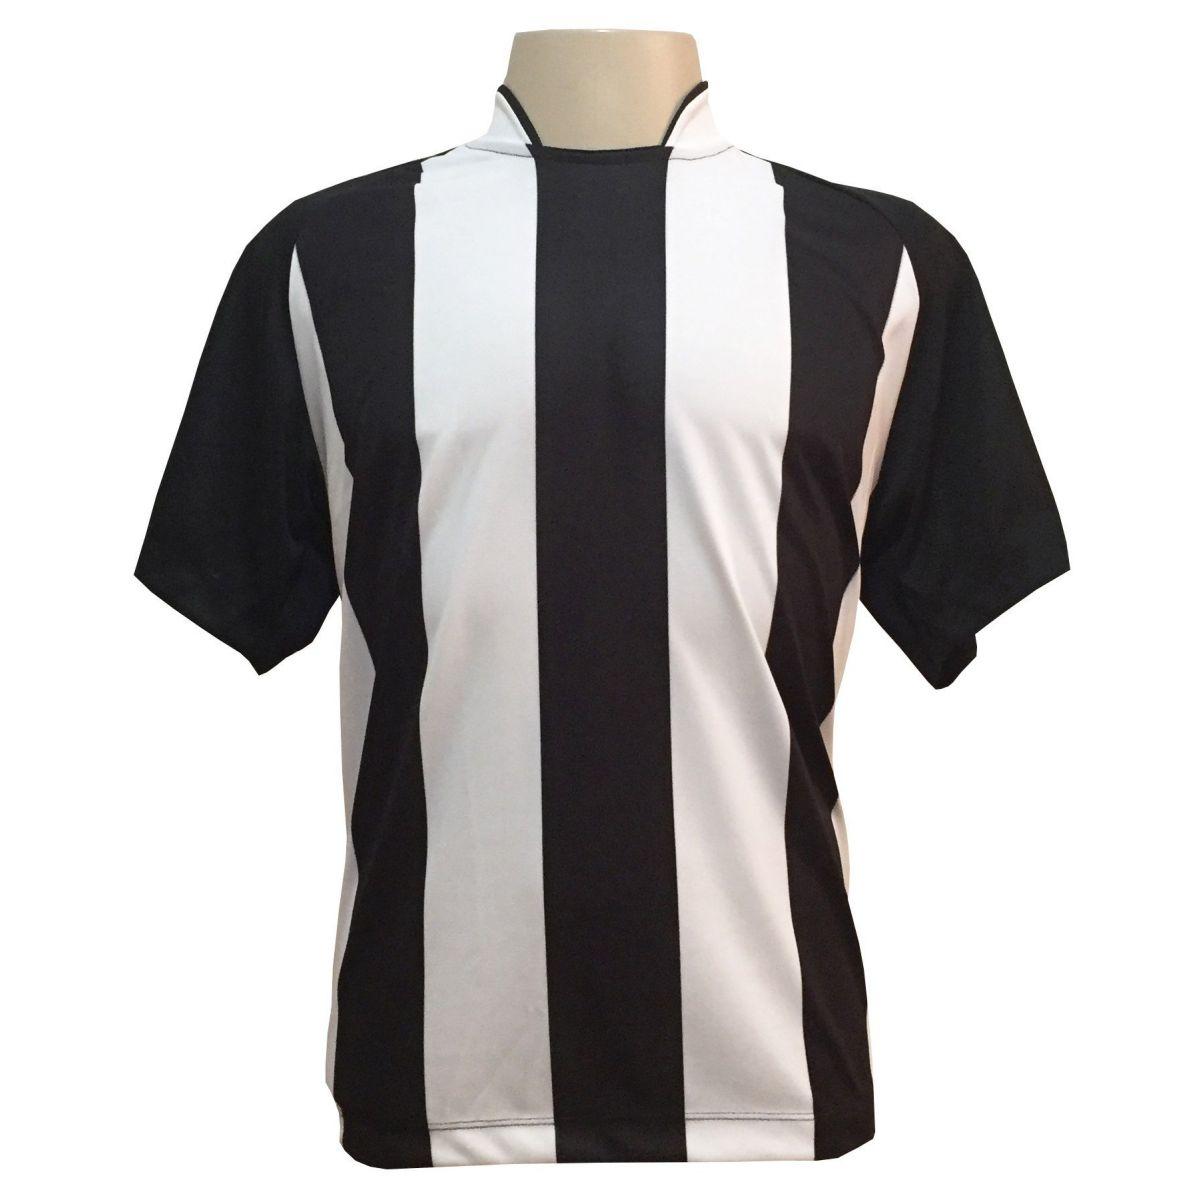 Uniforme Esportivo com 12 Camisas modelo Milan Preto/Branco + 12 Calções modelo Madrid Branco + 12 Pares de meiões Preto